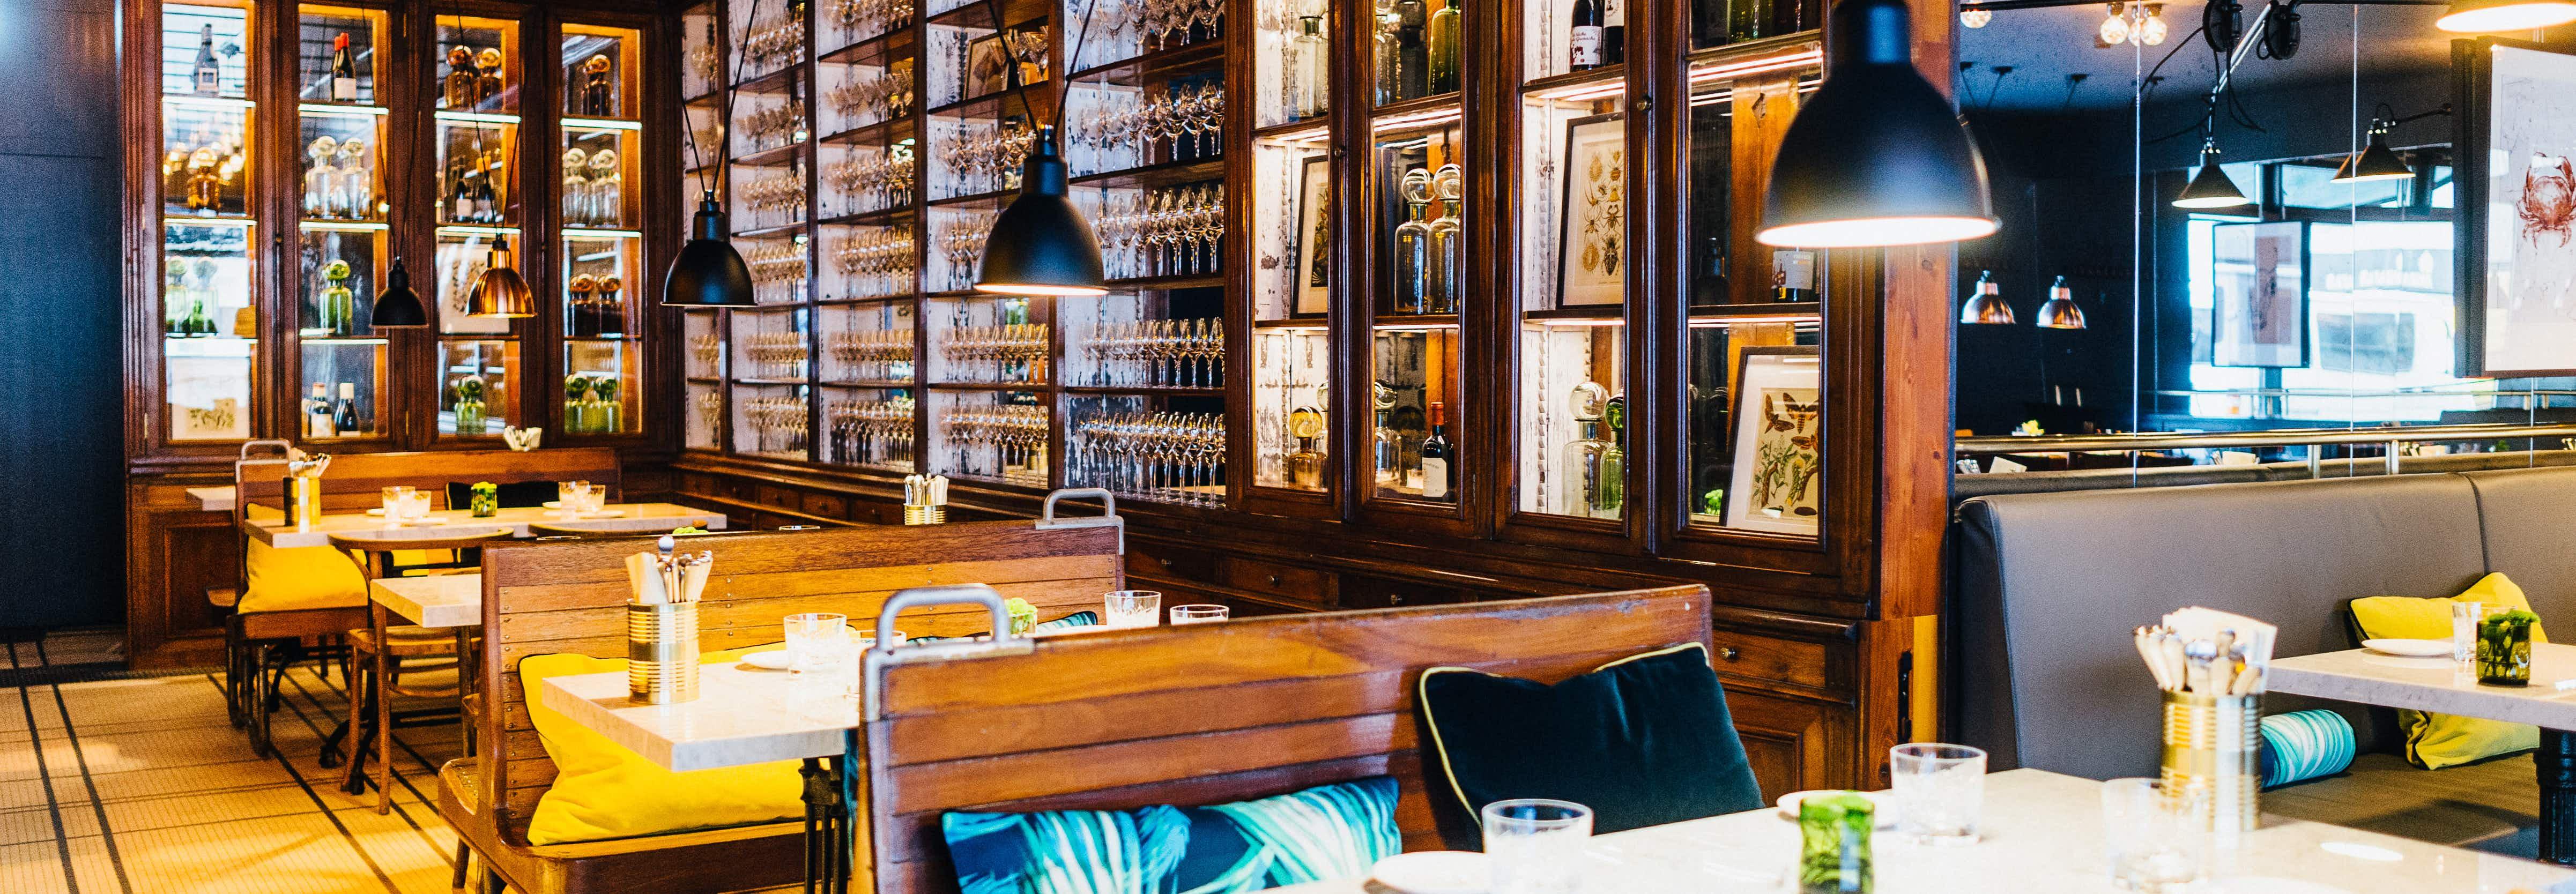 Brasserie Colette Berlin - Blick in Gastraum des Französischen Restaurants in Berlin